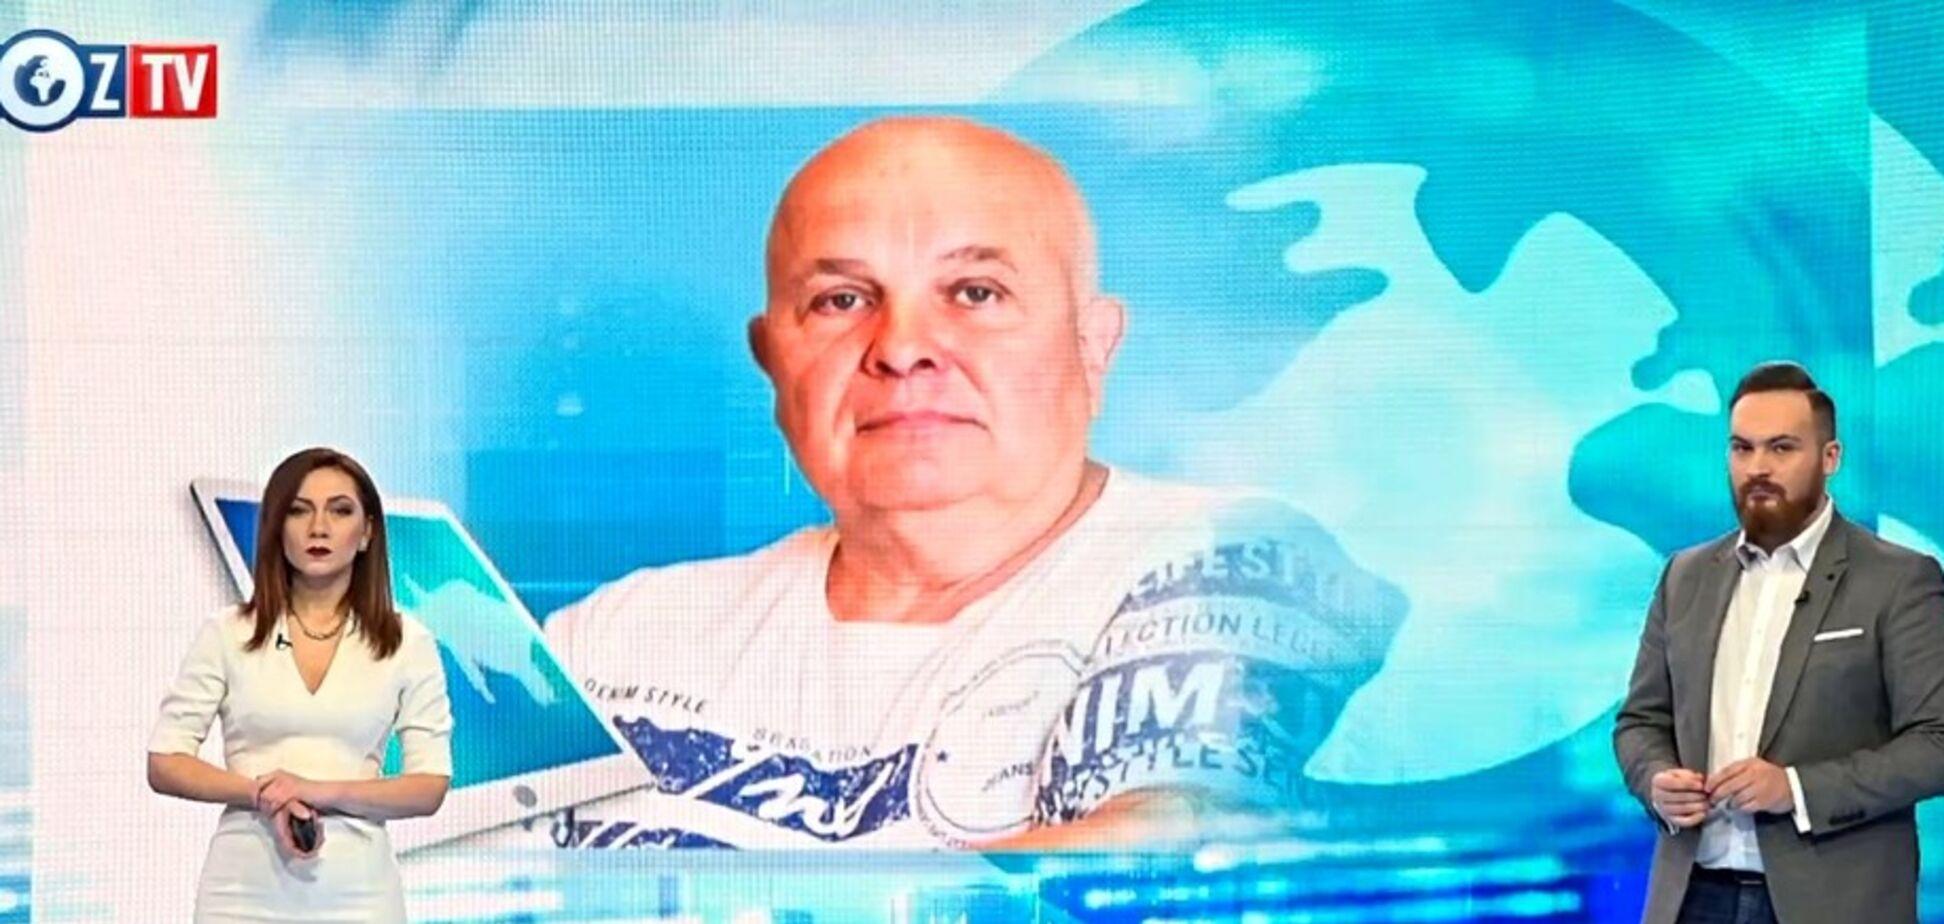 Убийство пластического хирурга Андрея Сотника: эксперт заявил об ограблении